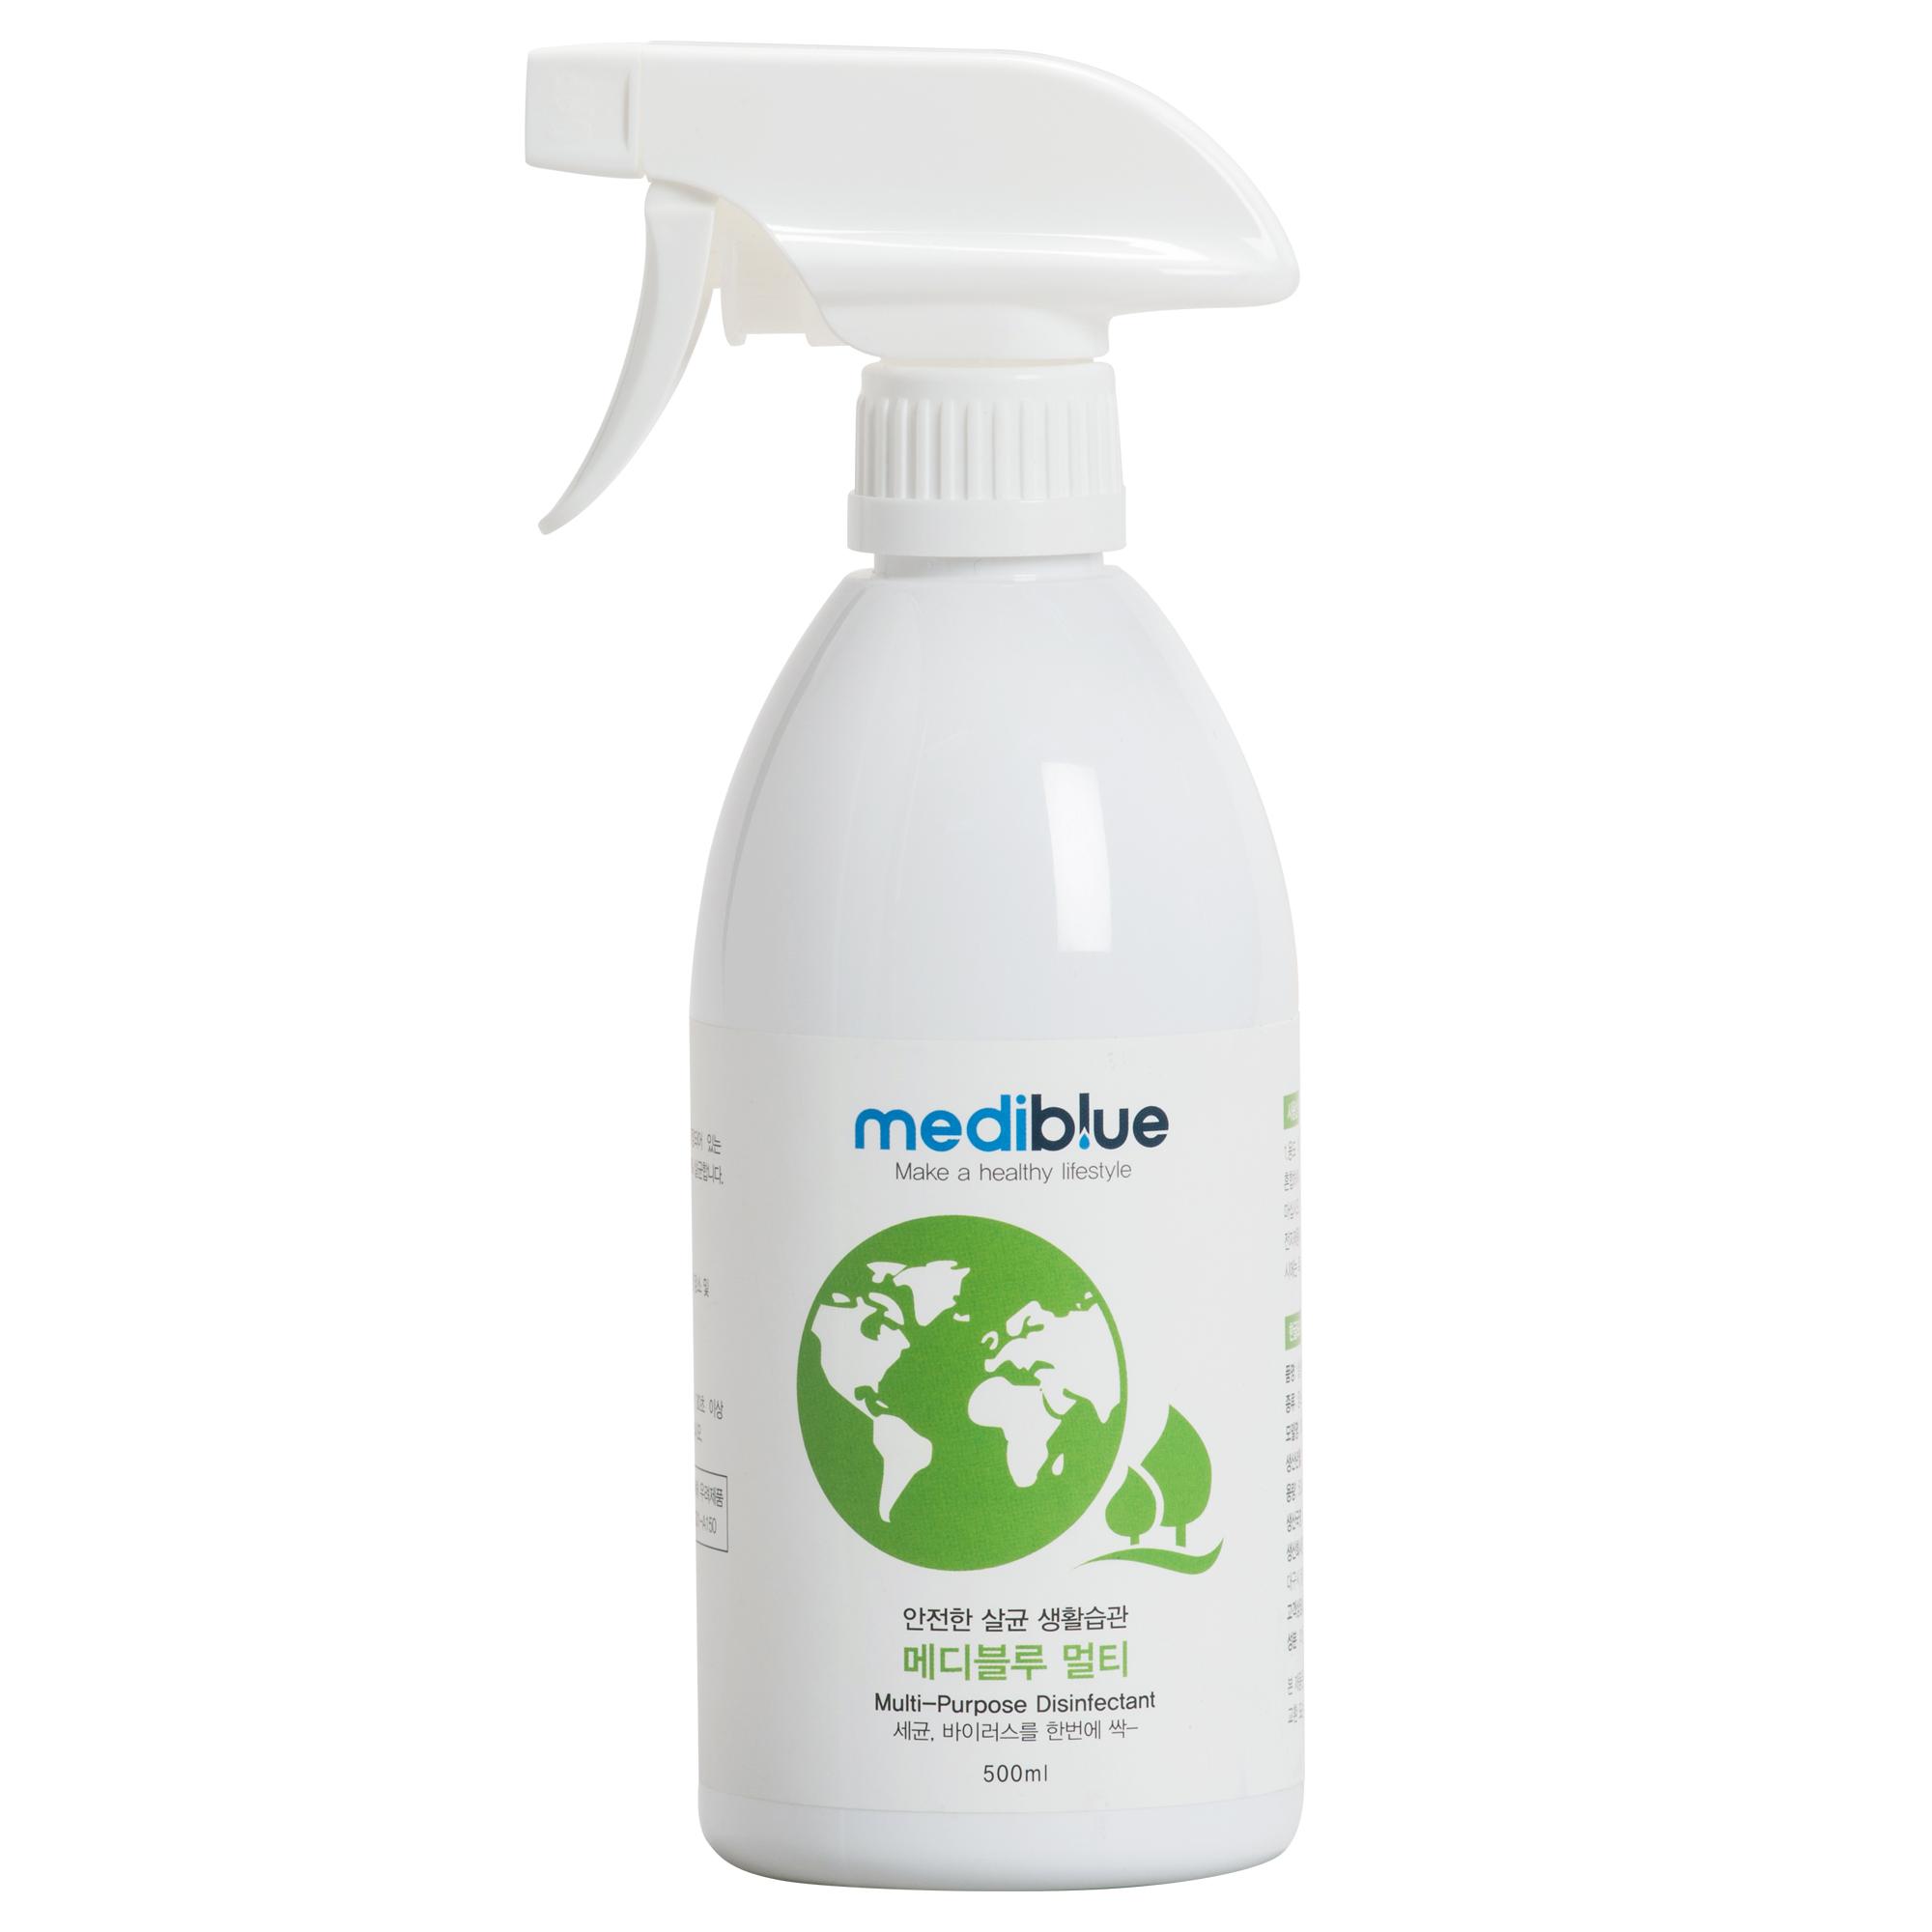 메디블루 멀티 뿌리는 살균소독제, 500ml, 1개